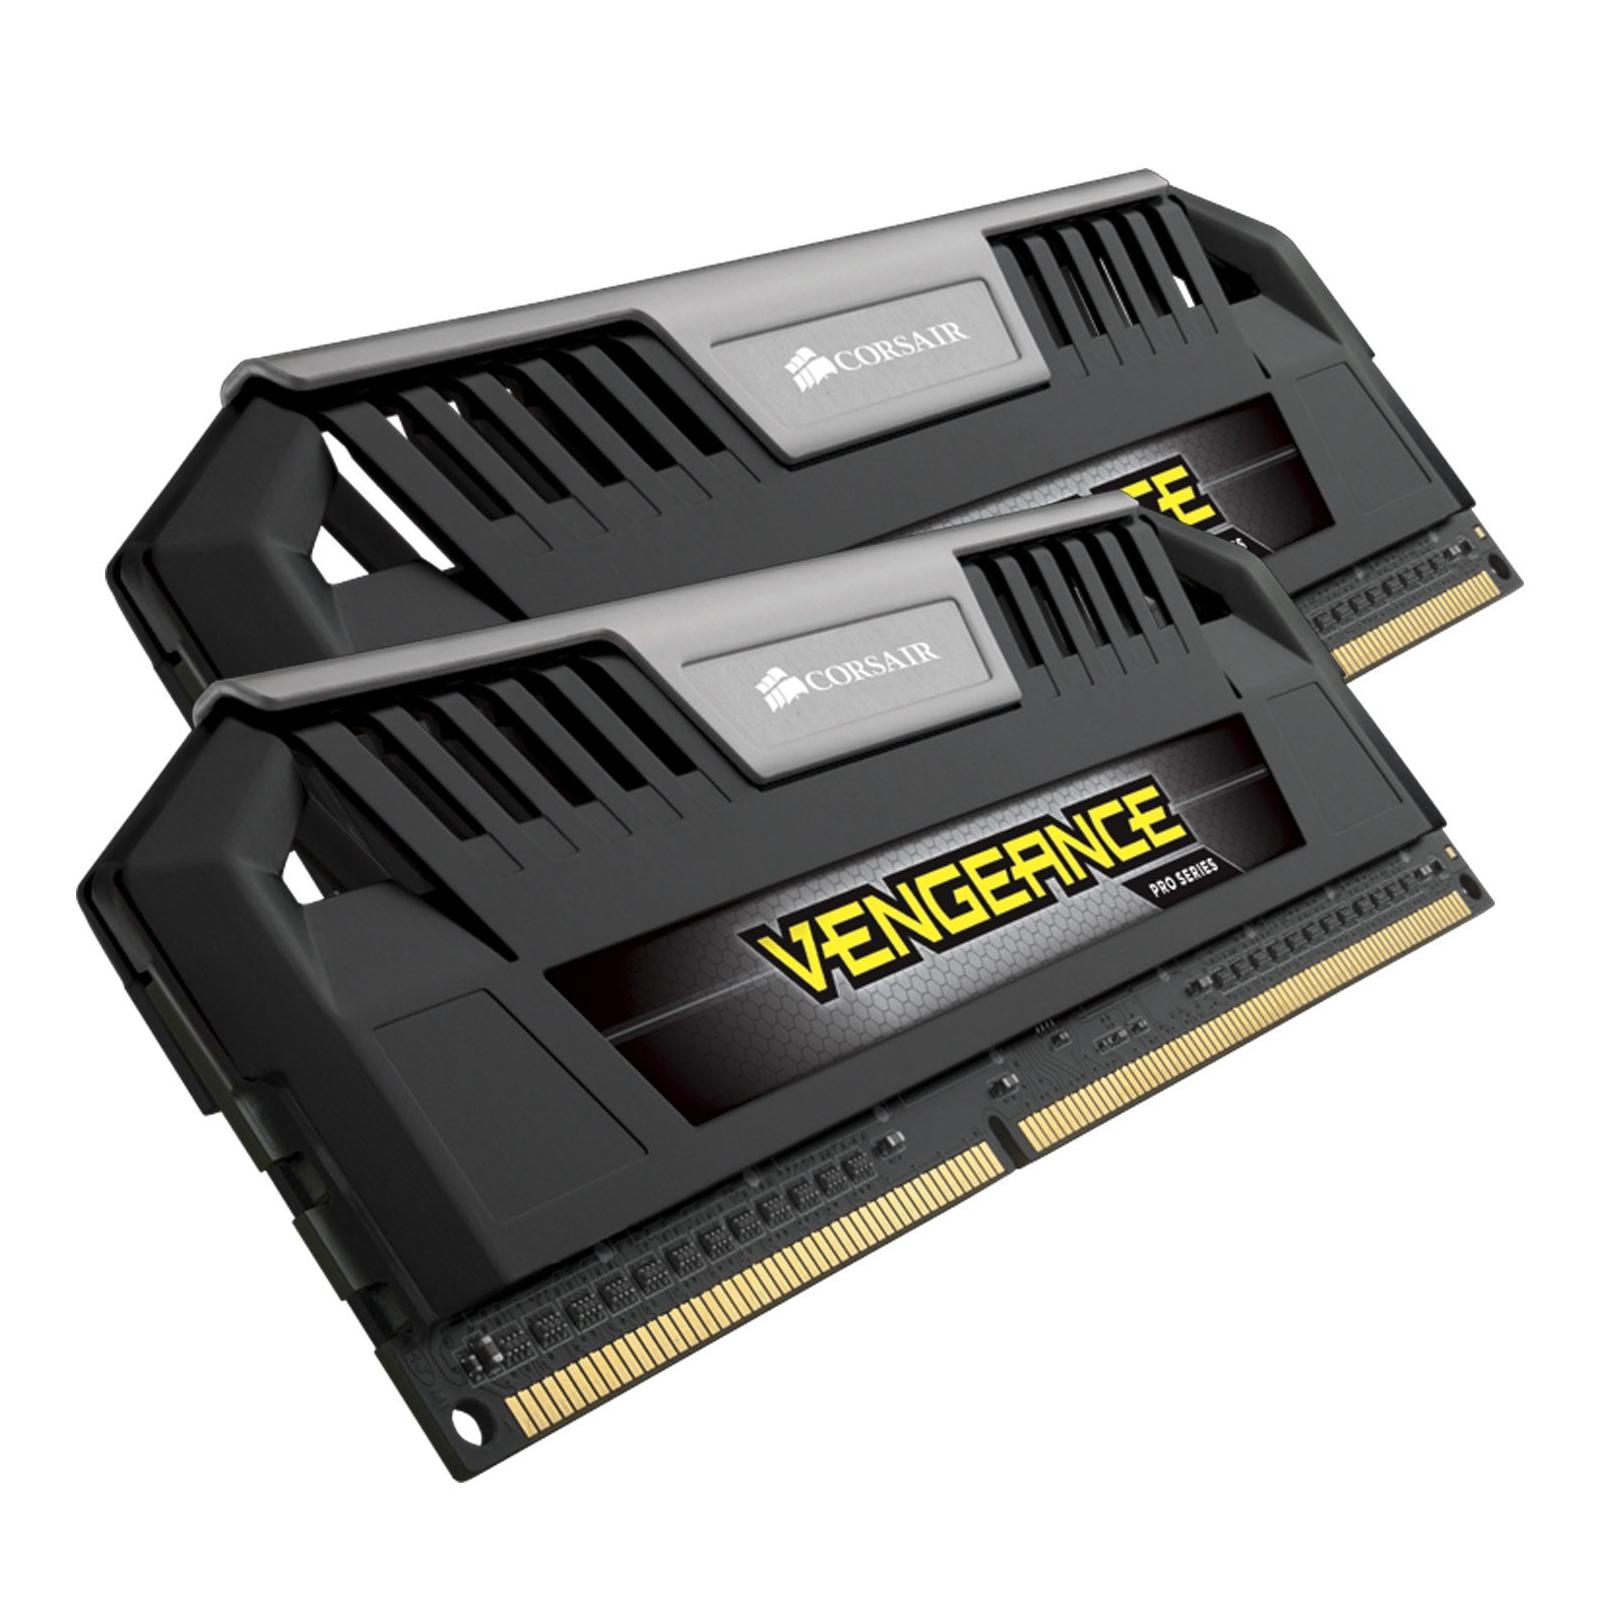 Модуль памяти для компьютера DDR3 8GB (2x4GB) 2133 MHz CORSAIR (CMY8GX3M2A2133C11) изображение 4